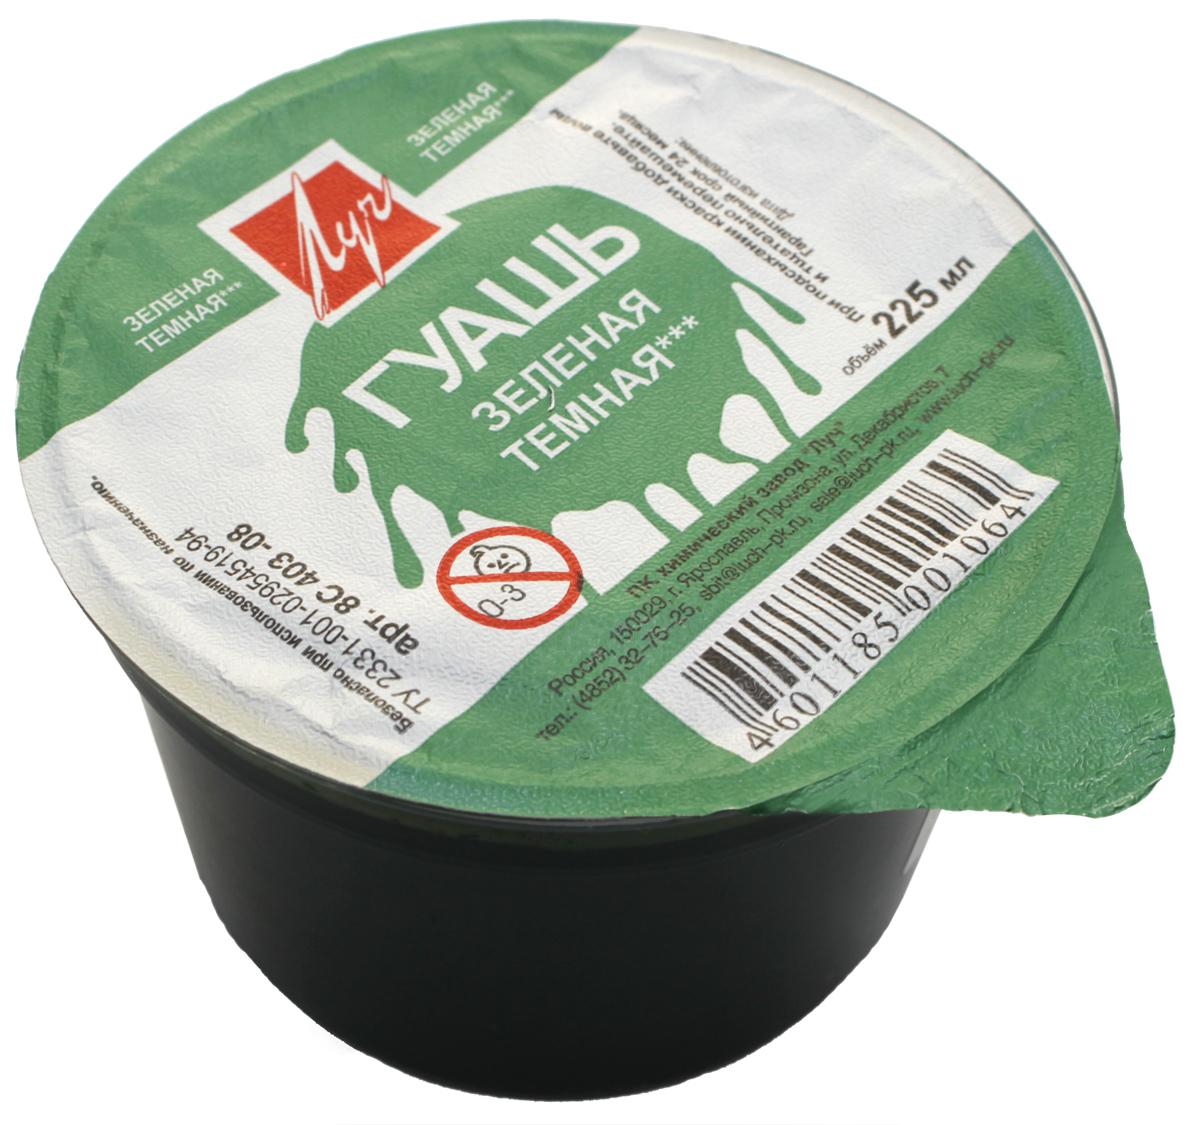 Луч Гуашь цвет темно-зеленый 225 млFS-00103Гуашевая краска идеальна для живописных, декоративных работ и графики. Она легко наносится на бумагу, картон и грунтованный холст. При высыхании приобретает бархатистую поверхность и легко размывается водой. Прозрачная, водоразбавляемая, быстро сохнет.Масса: 320 г.